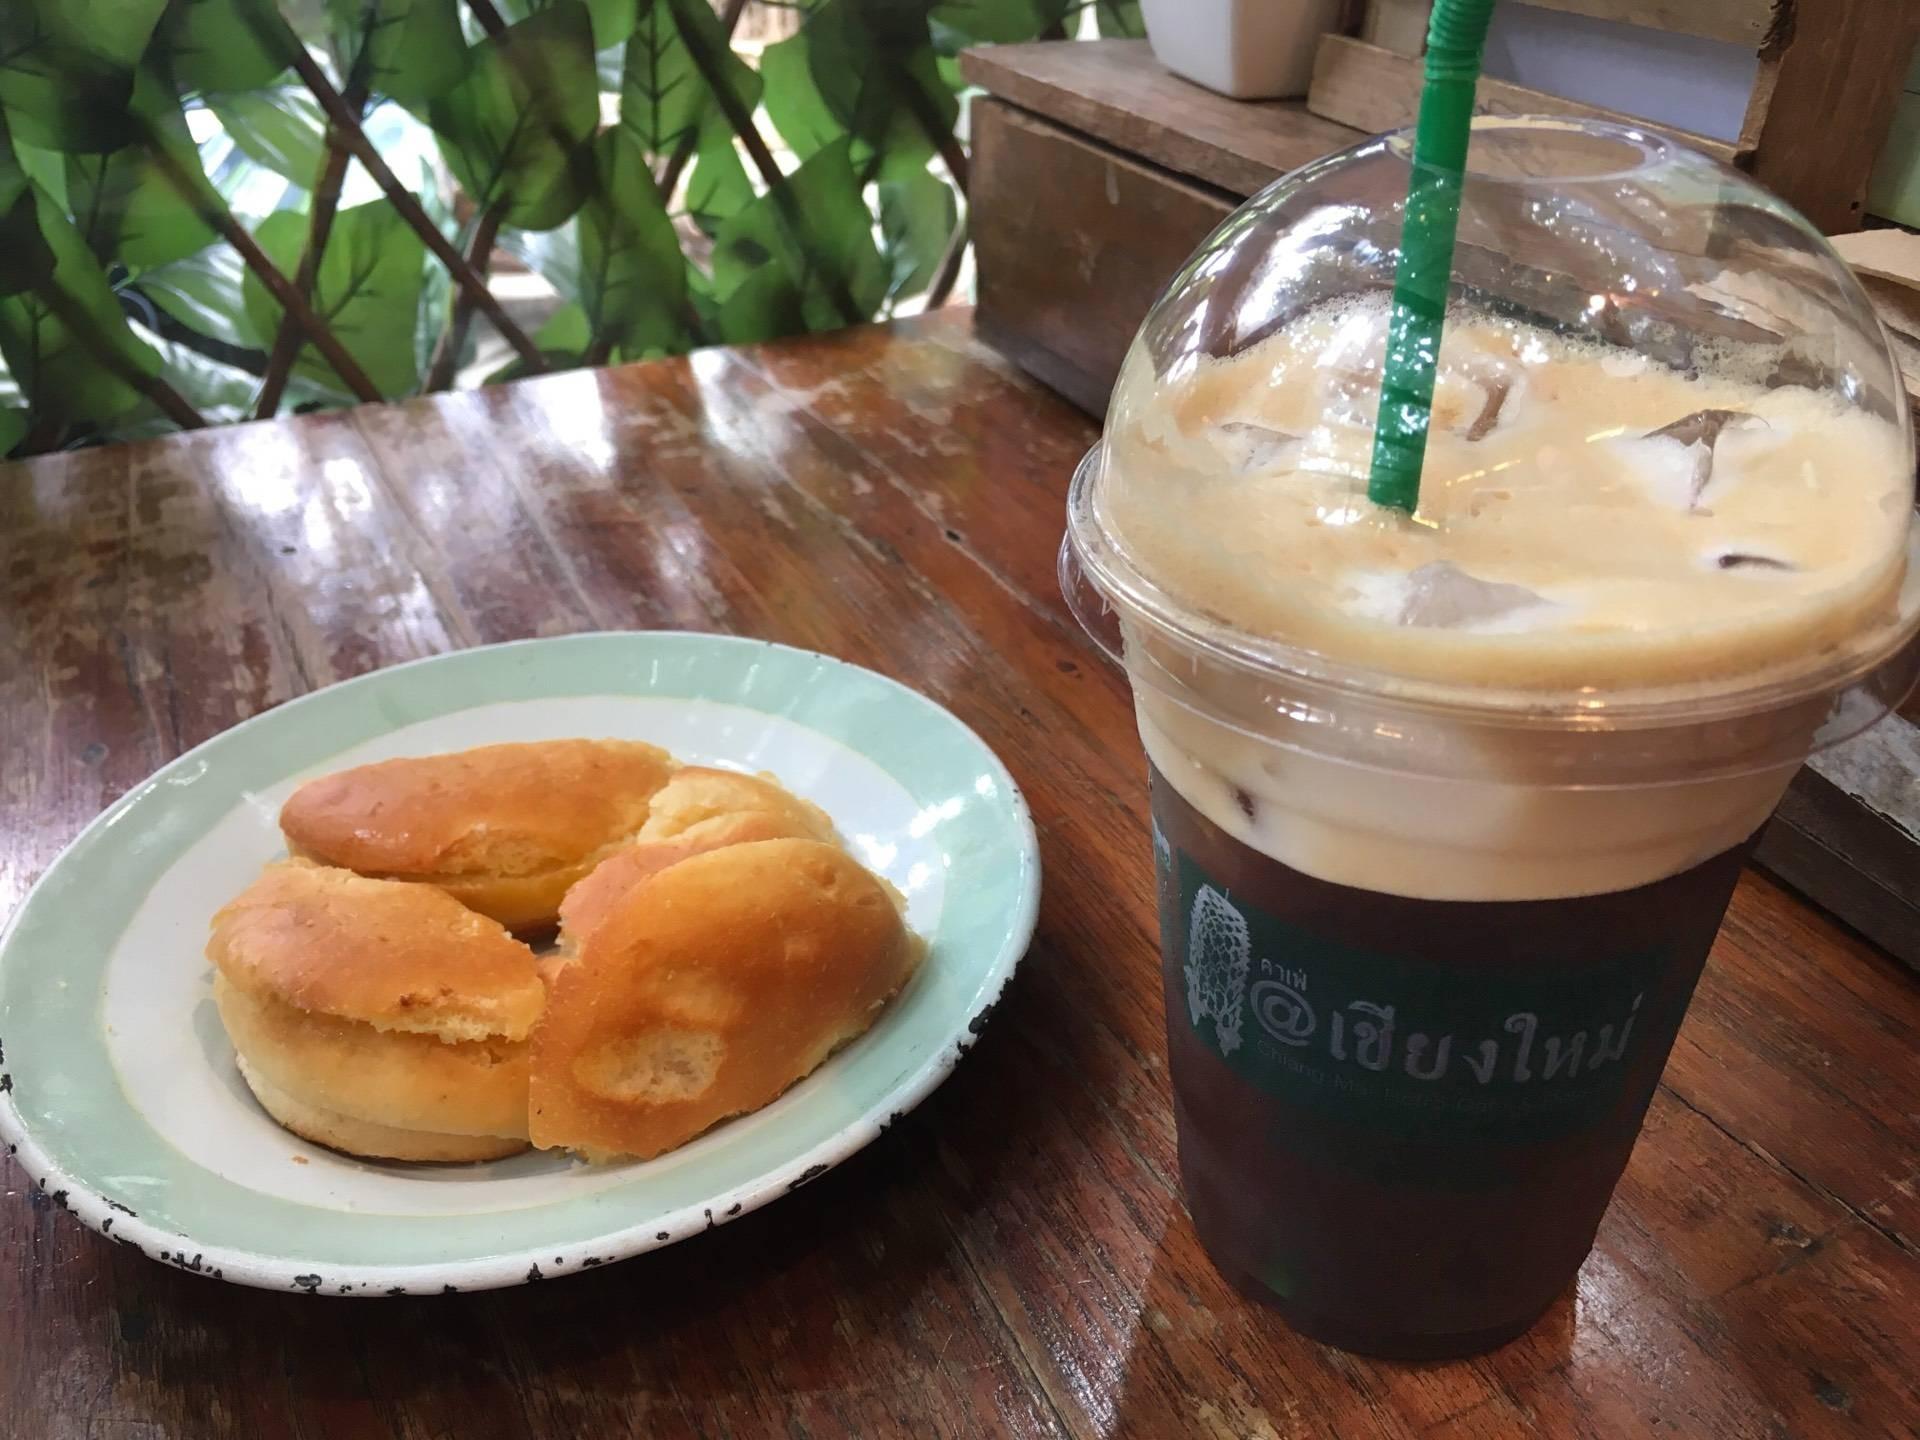 กาแฟกลมกล่อม ขนมปังให้เต็ม5ดาวเลยคะ อร่อยมว๊ากกกก บรรยากาศร้านเย็นๆคนไม่เยอะมาก